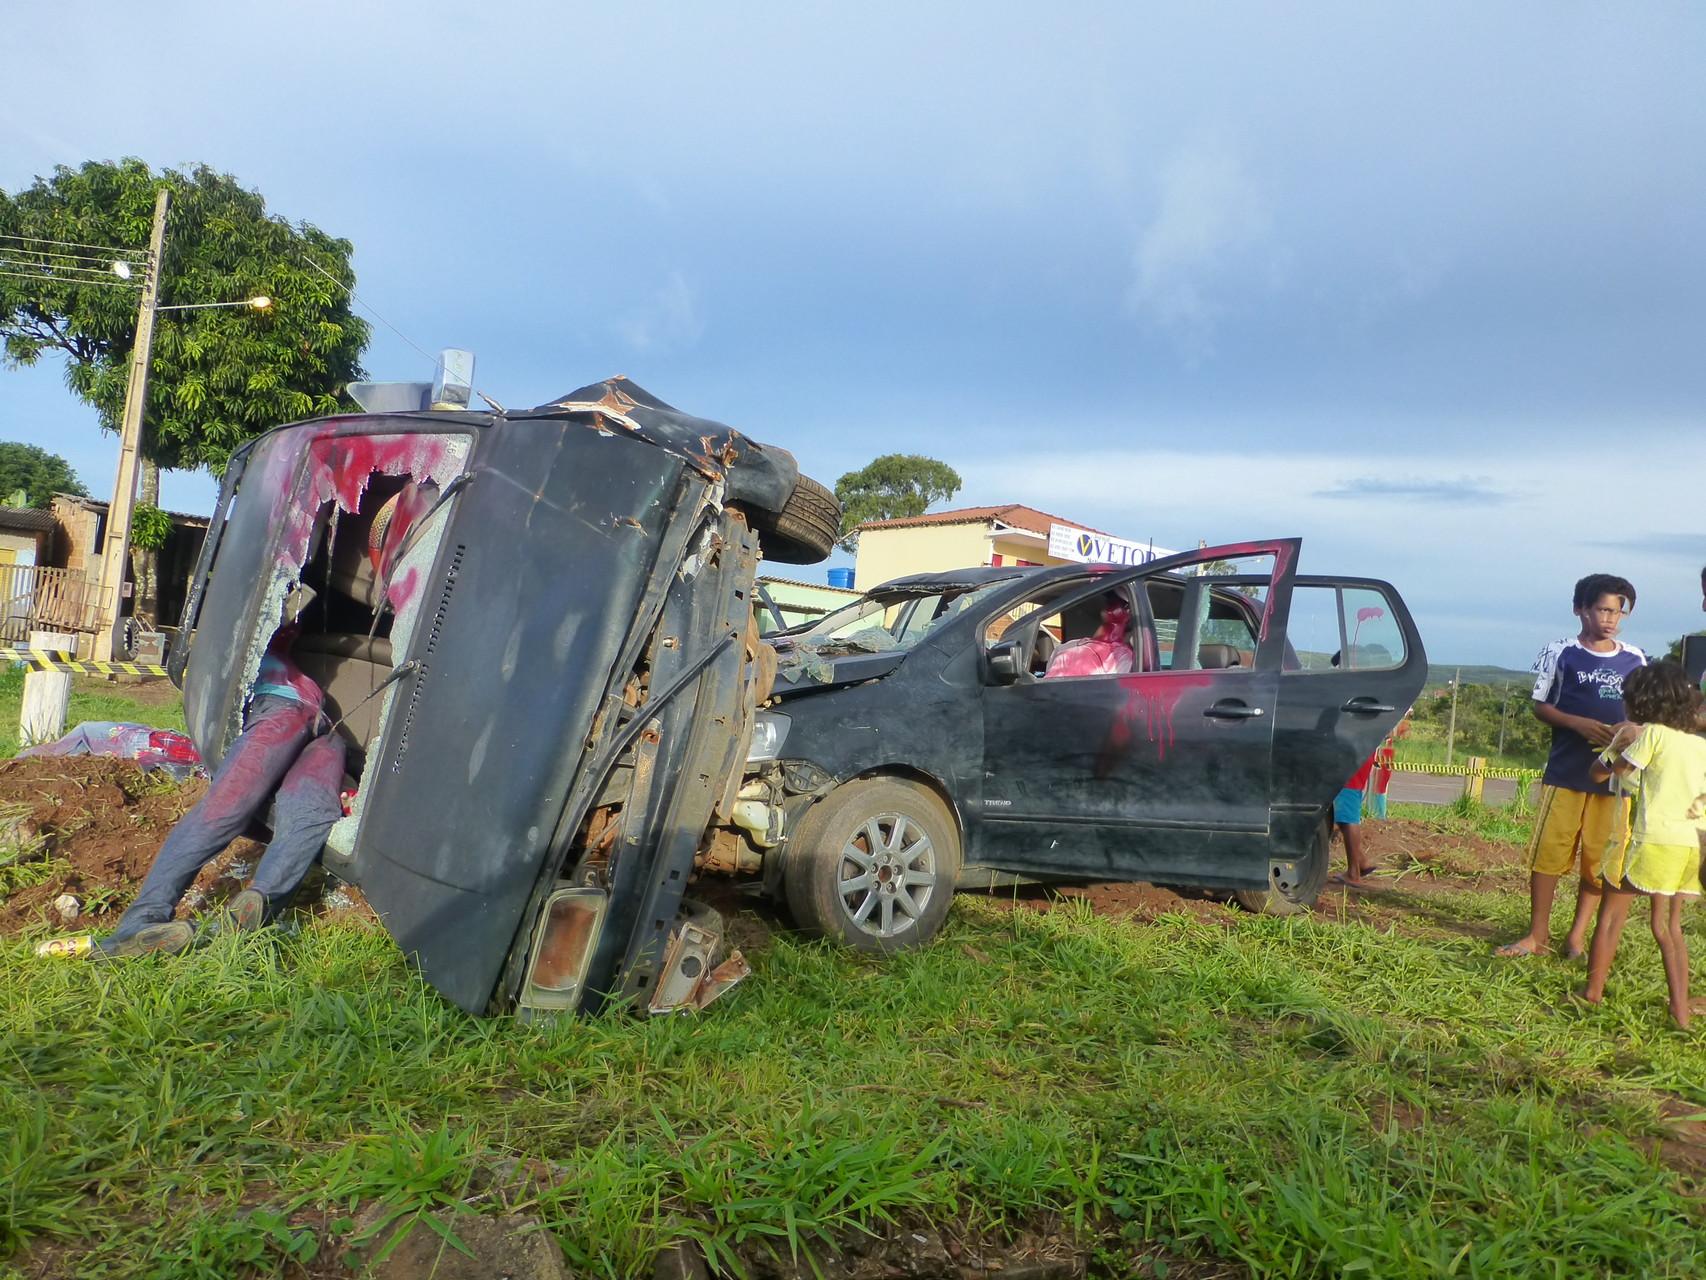 Abschreckung: Autounfall simuliert